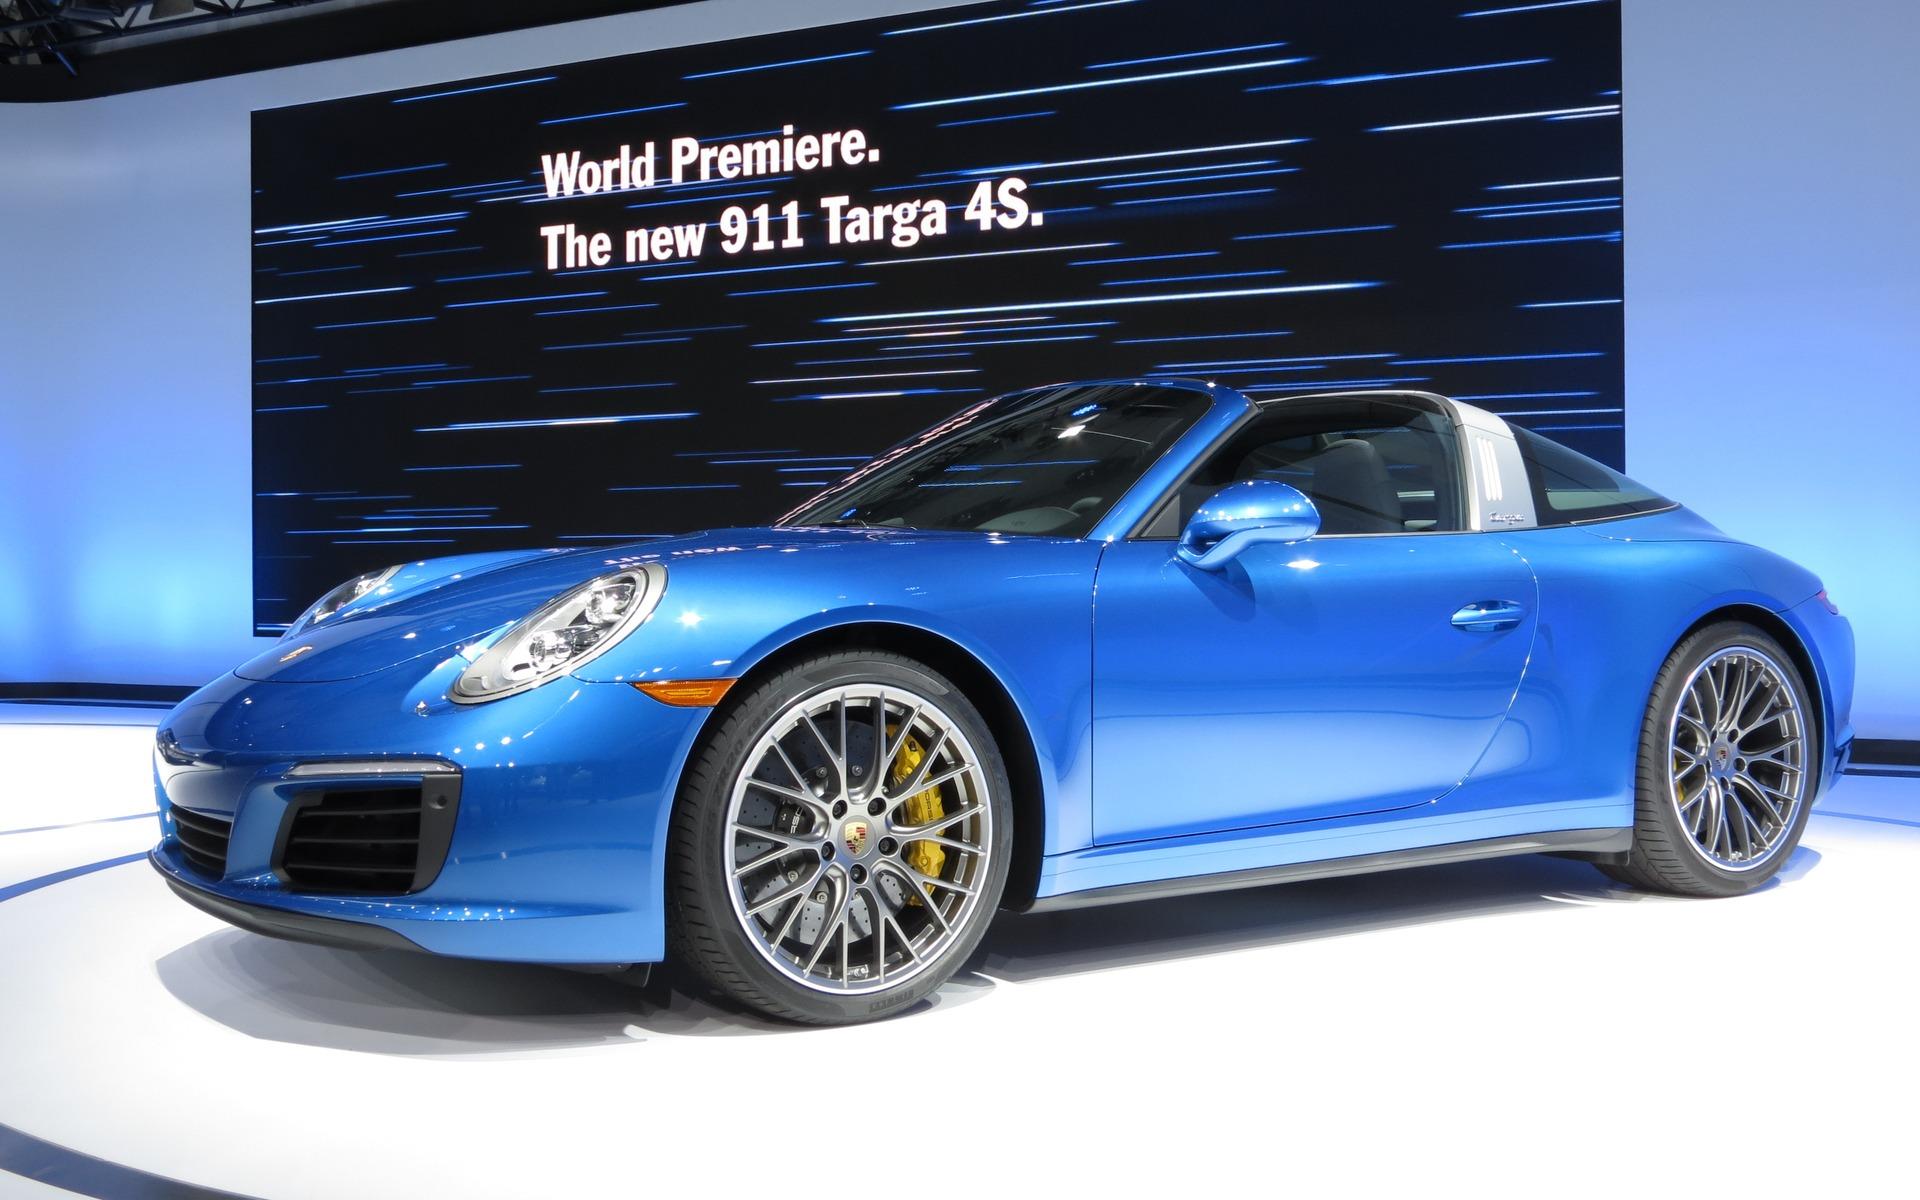 2017 Porsche 911 Carrera: Targa And AWD Already - 1/8 on 2017 porsche cayman, 2017 porsche cayenne, 2017 porsche gt3, 2017 ford gt targa, 2017 porsche boxster,